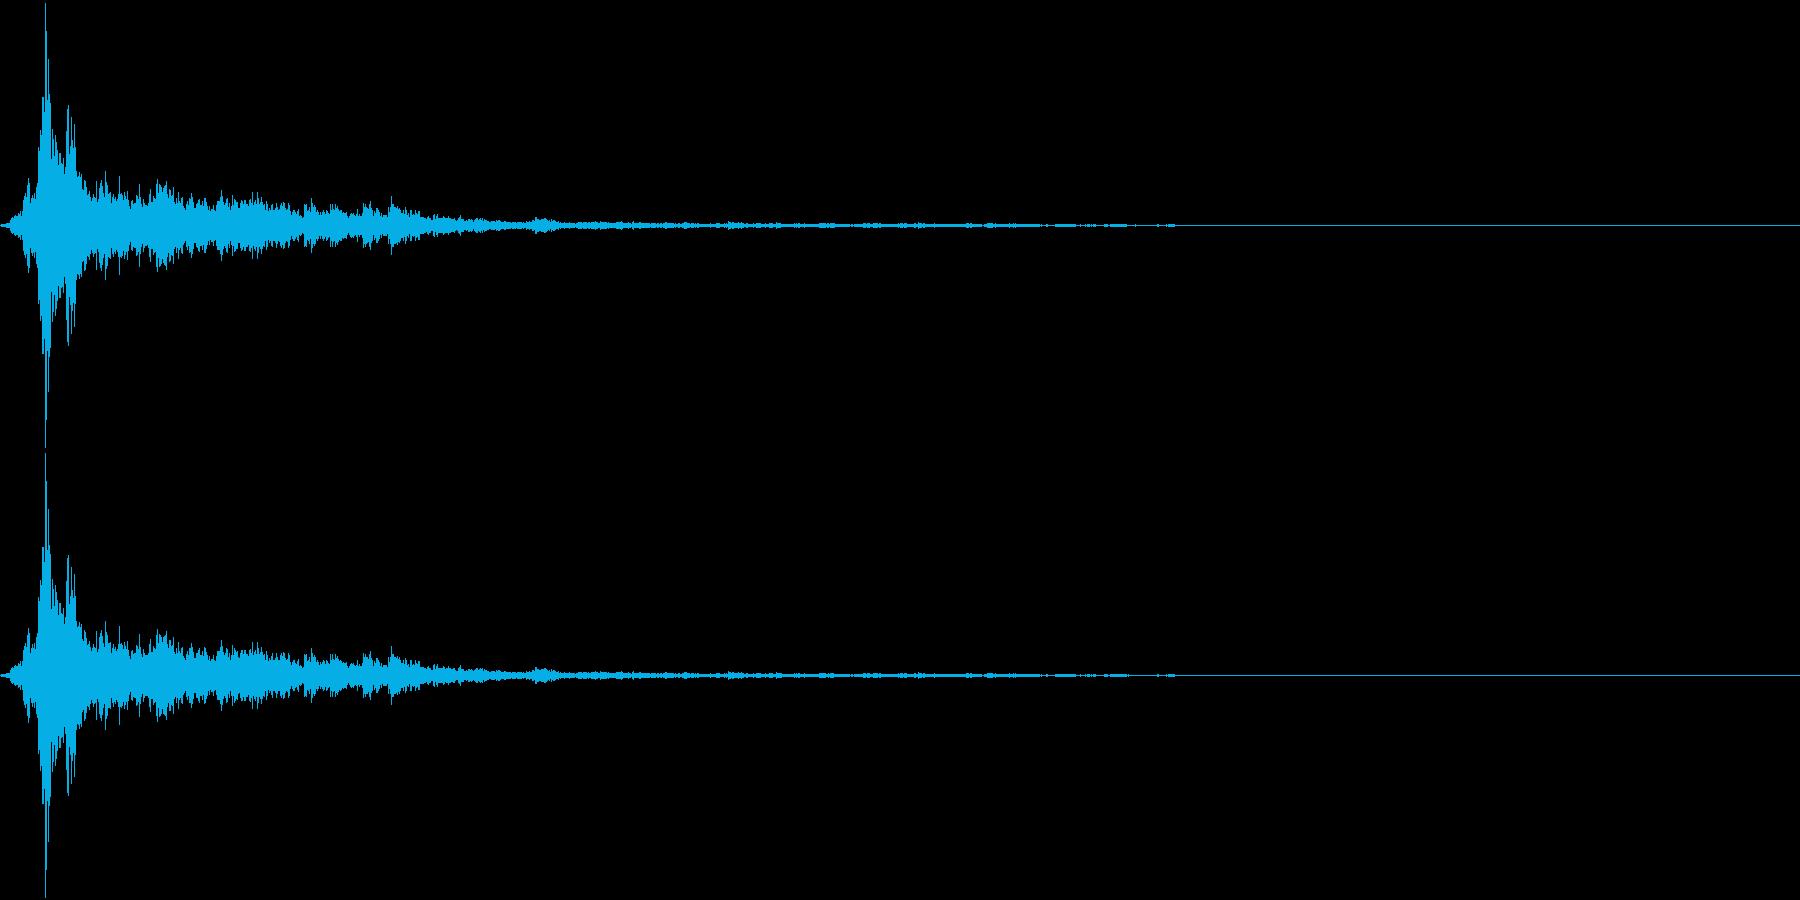 音侍SE「シャン〜〜!」象徴的な鈴の音2の再生済みの波形